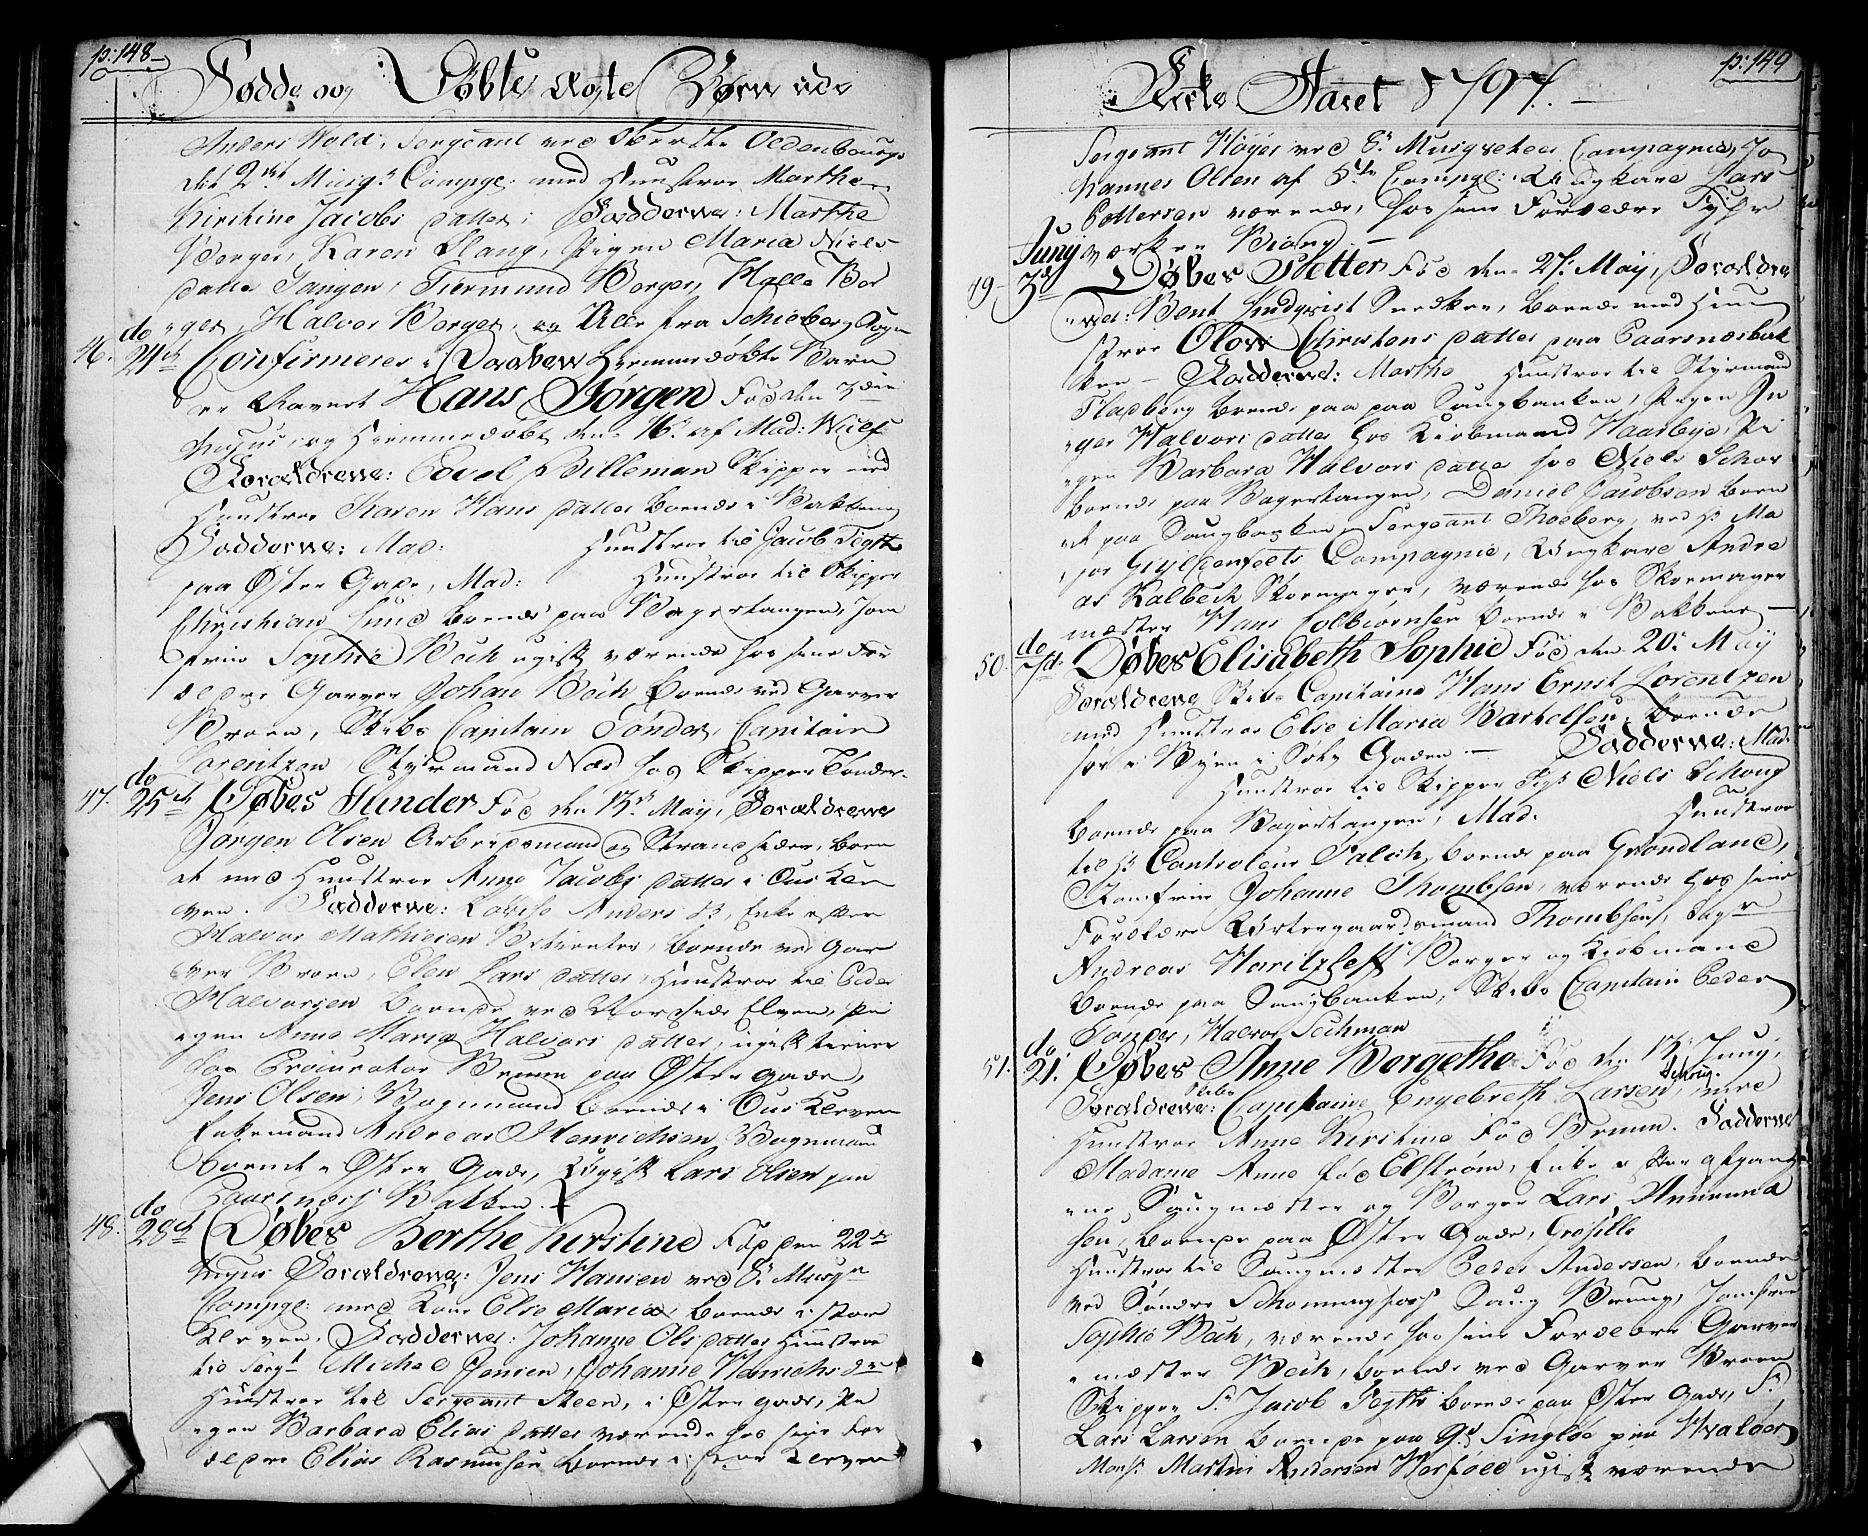 SAO, Halden prestekontor Kirkebøker, F/Fa/L0002: Ministerialbok nr. I 2, 1792-1812, s. 148-149